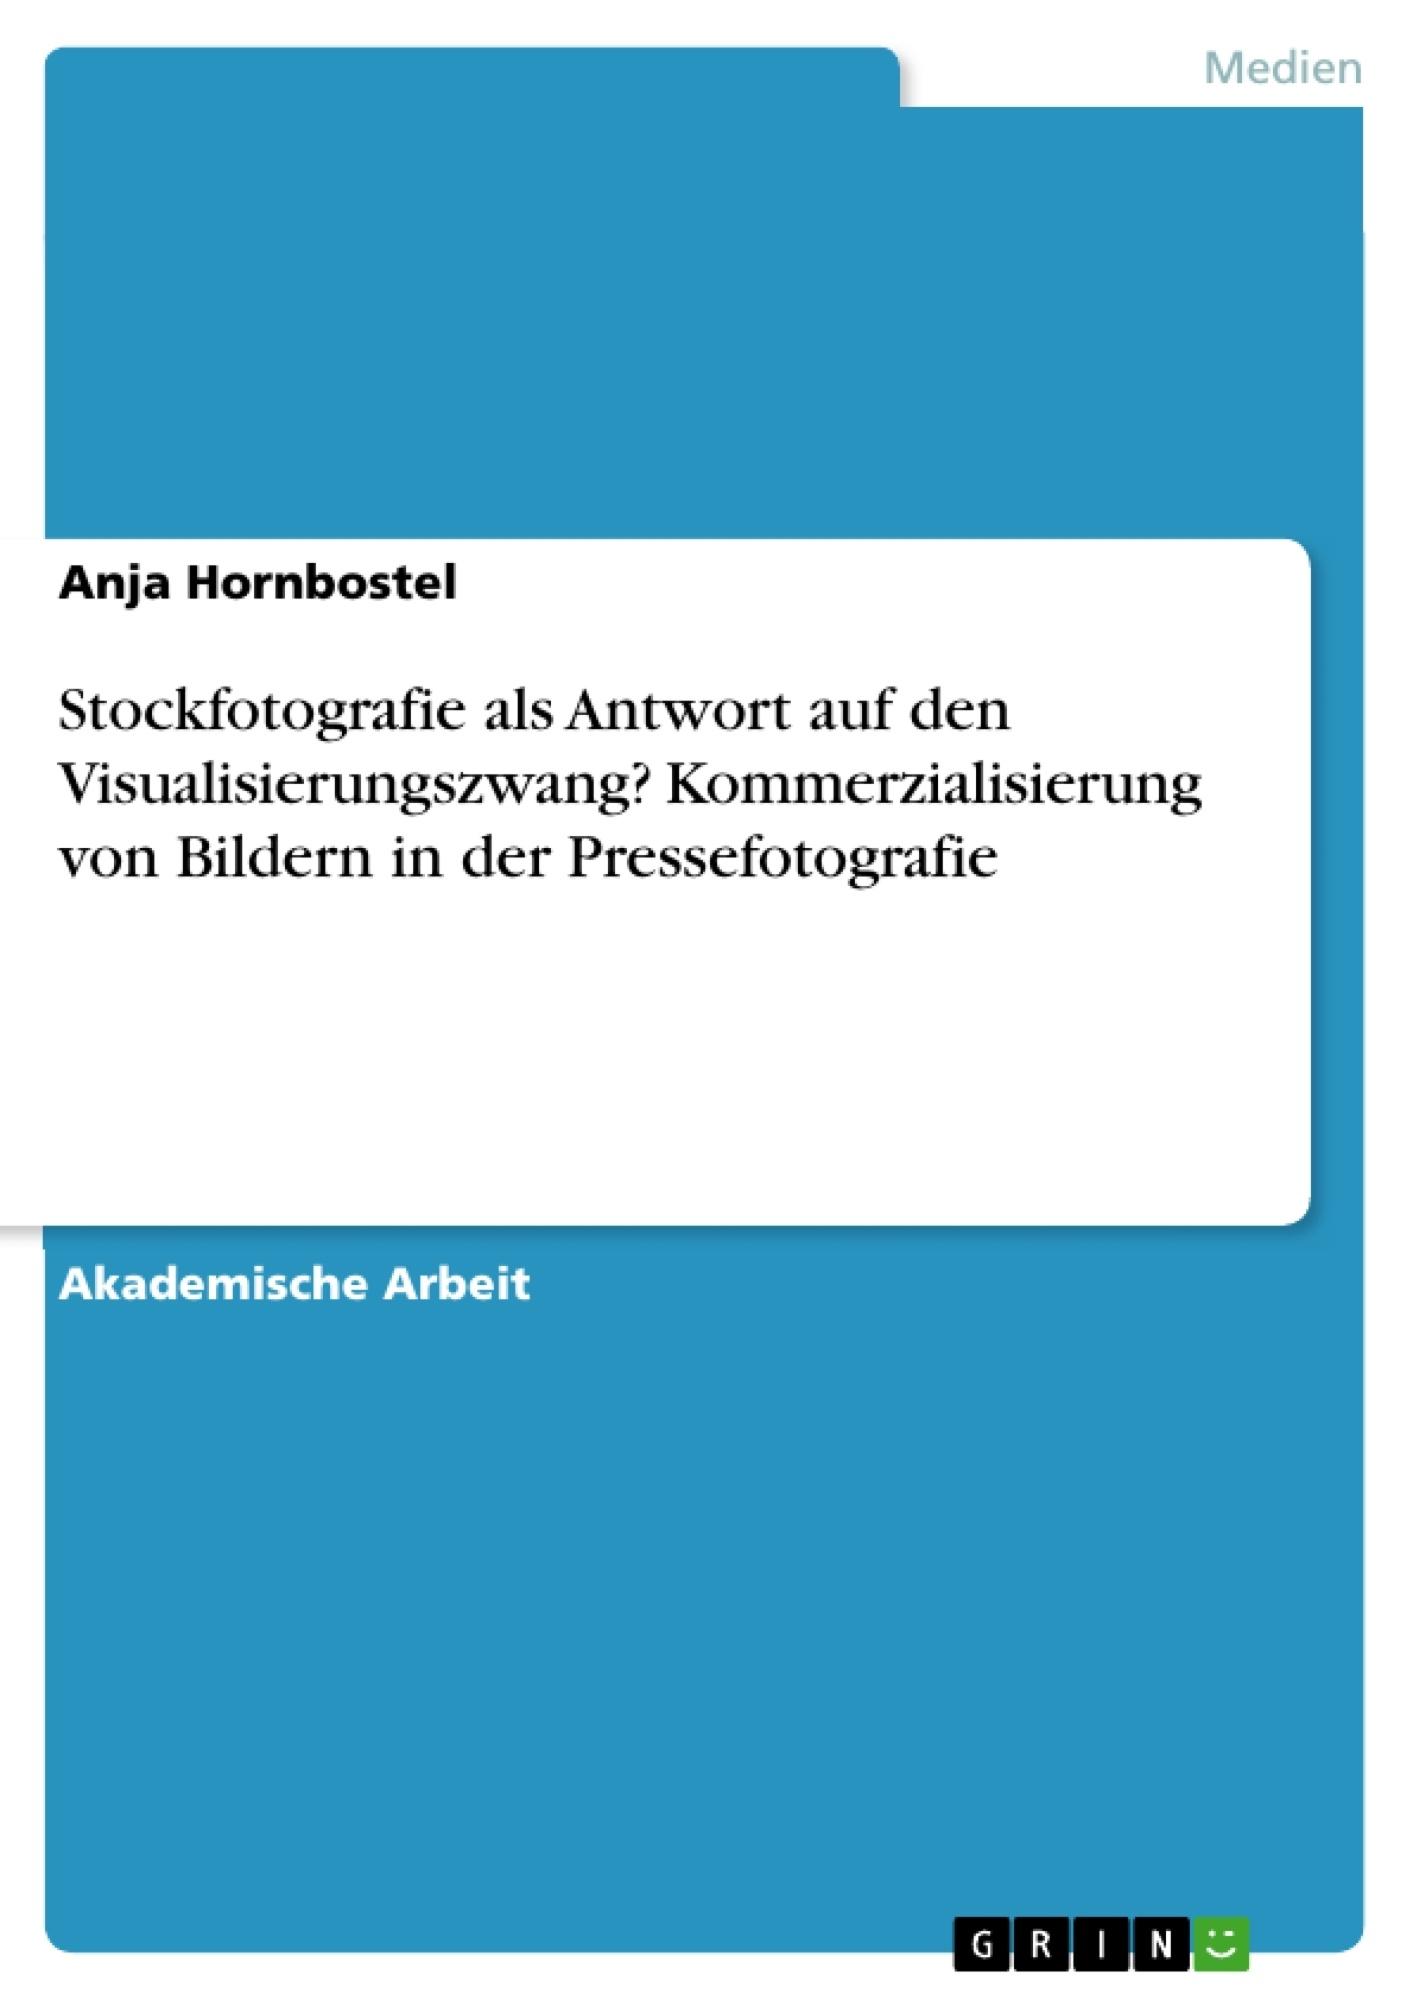 Titel: Stockfotografie als Antwort auf den Visualisierungszwang? Kommerzialisierung von Bildern in der Pressefotografie